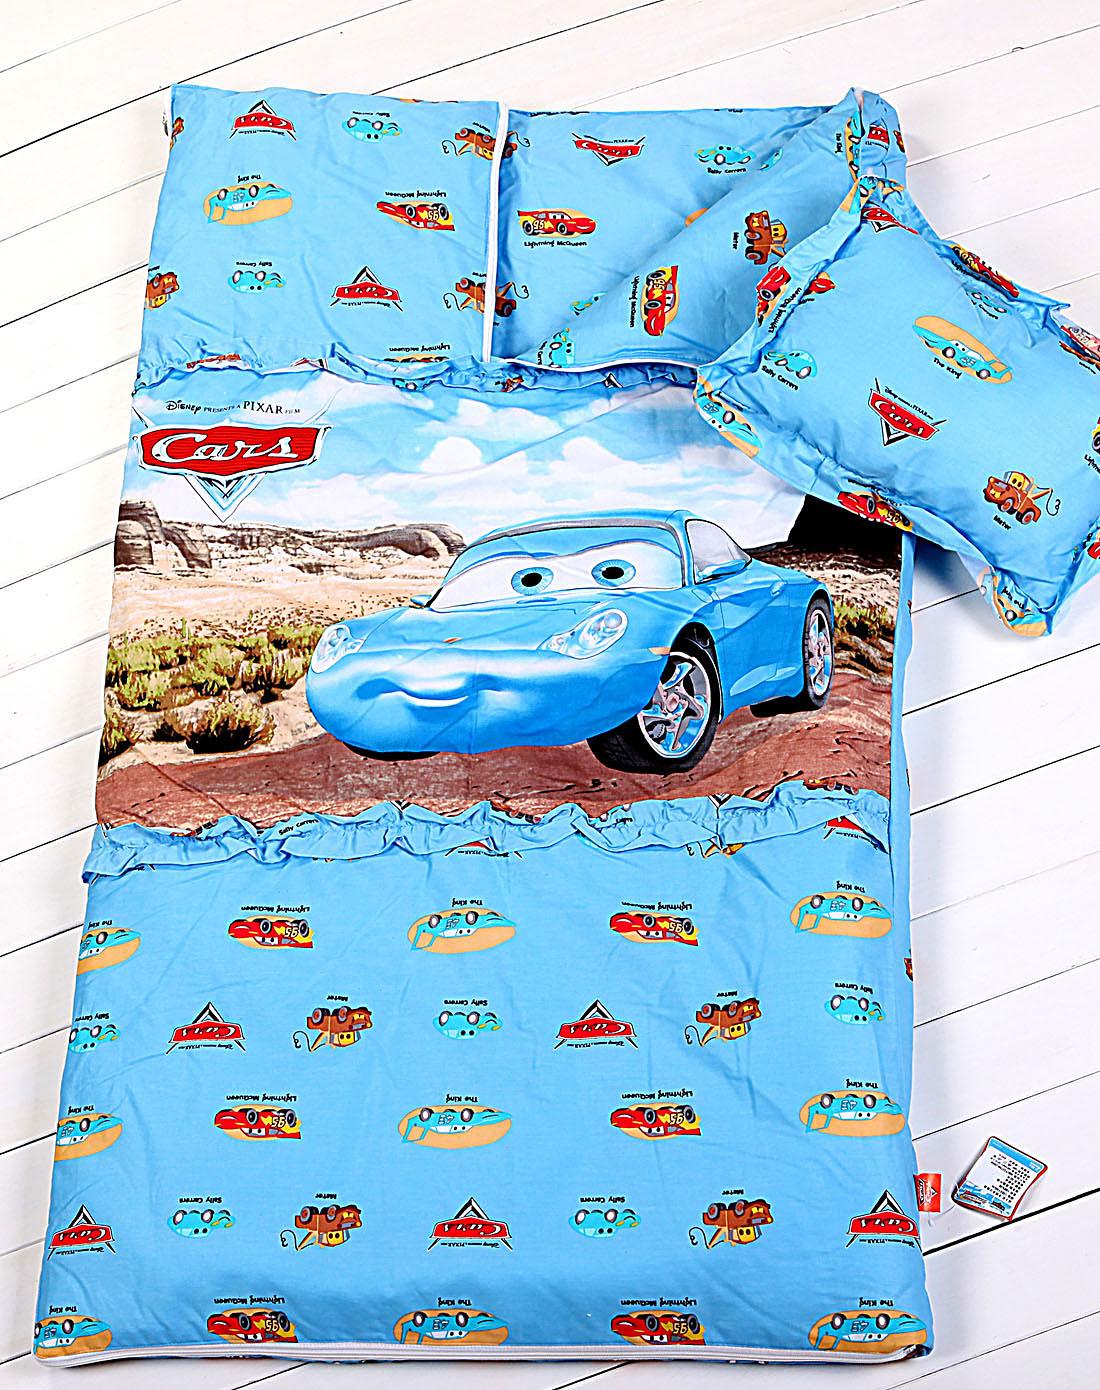 迪士尼disney家纺专场全棉儿童睡袋-汽车总动员sd01 竖